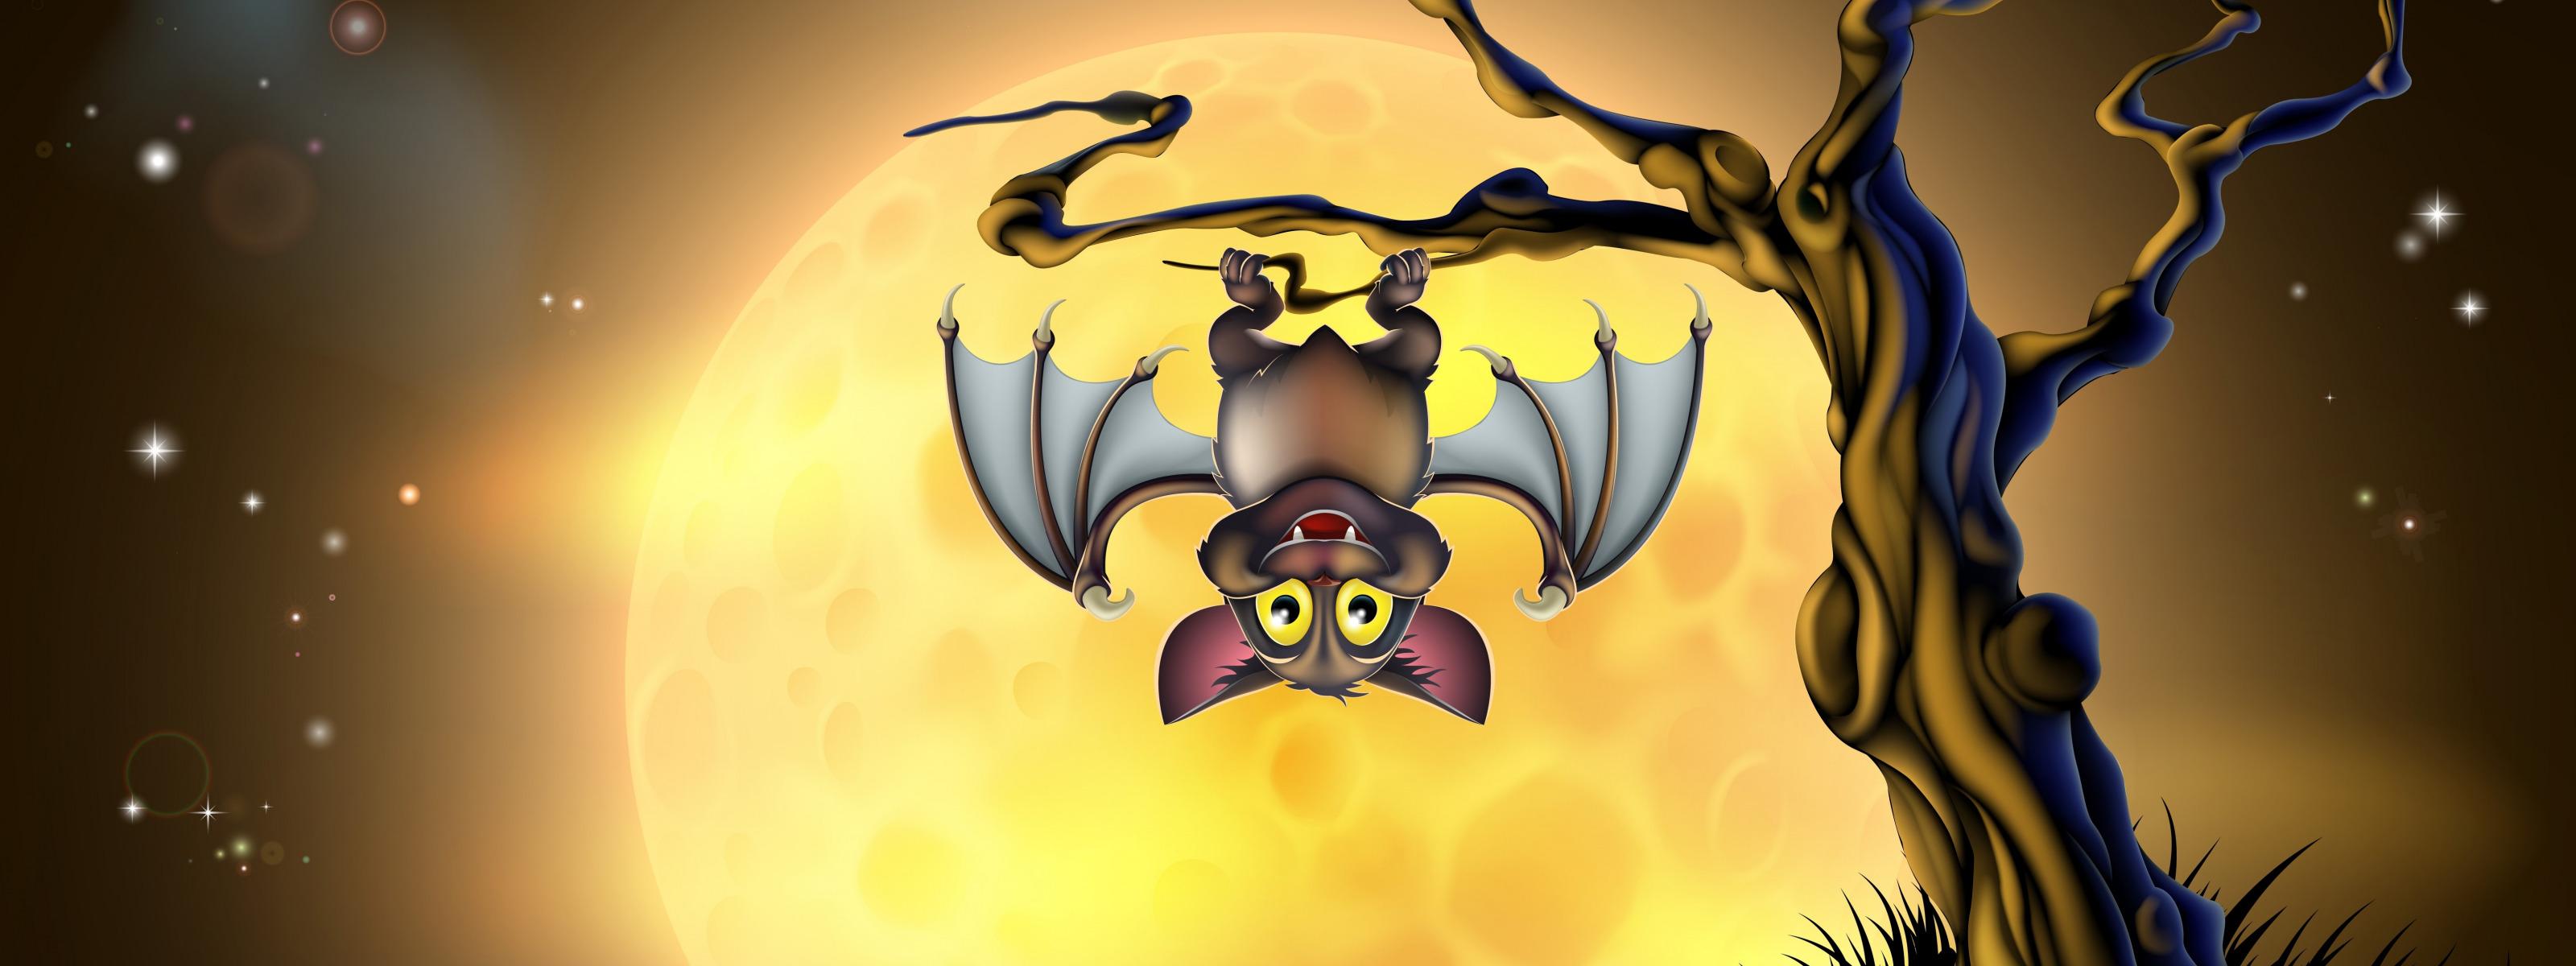 Картинки летучей мыши прикольные